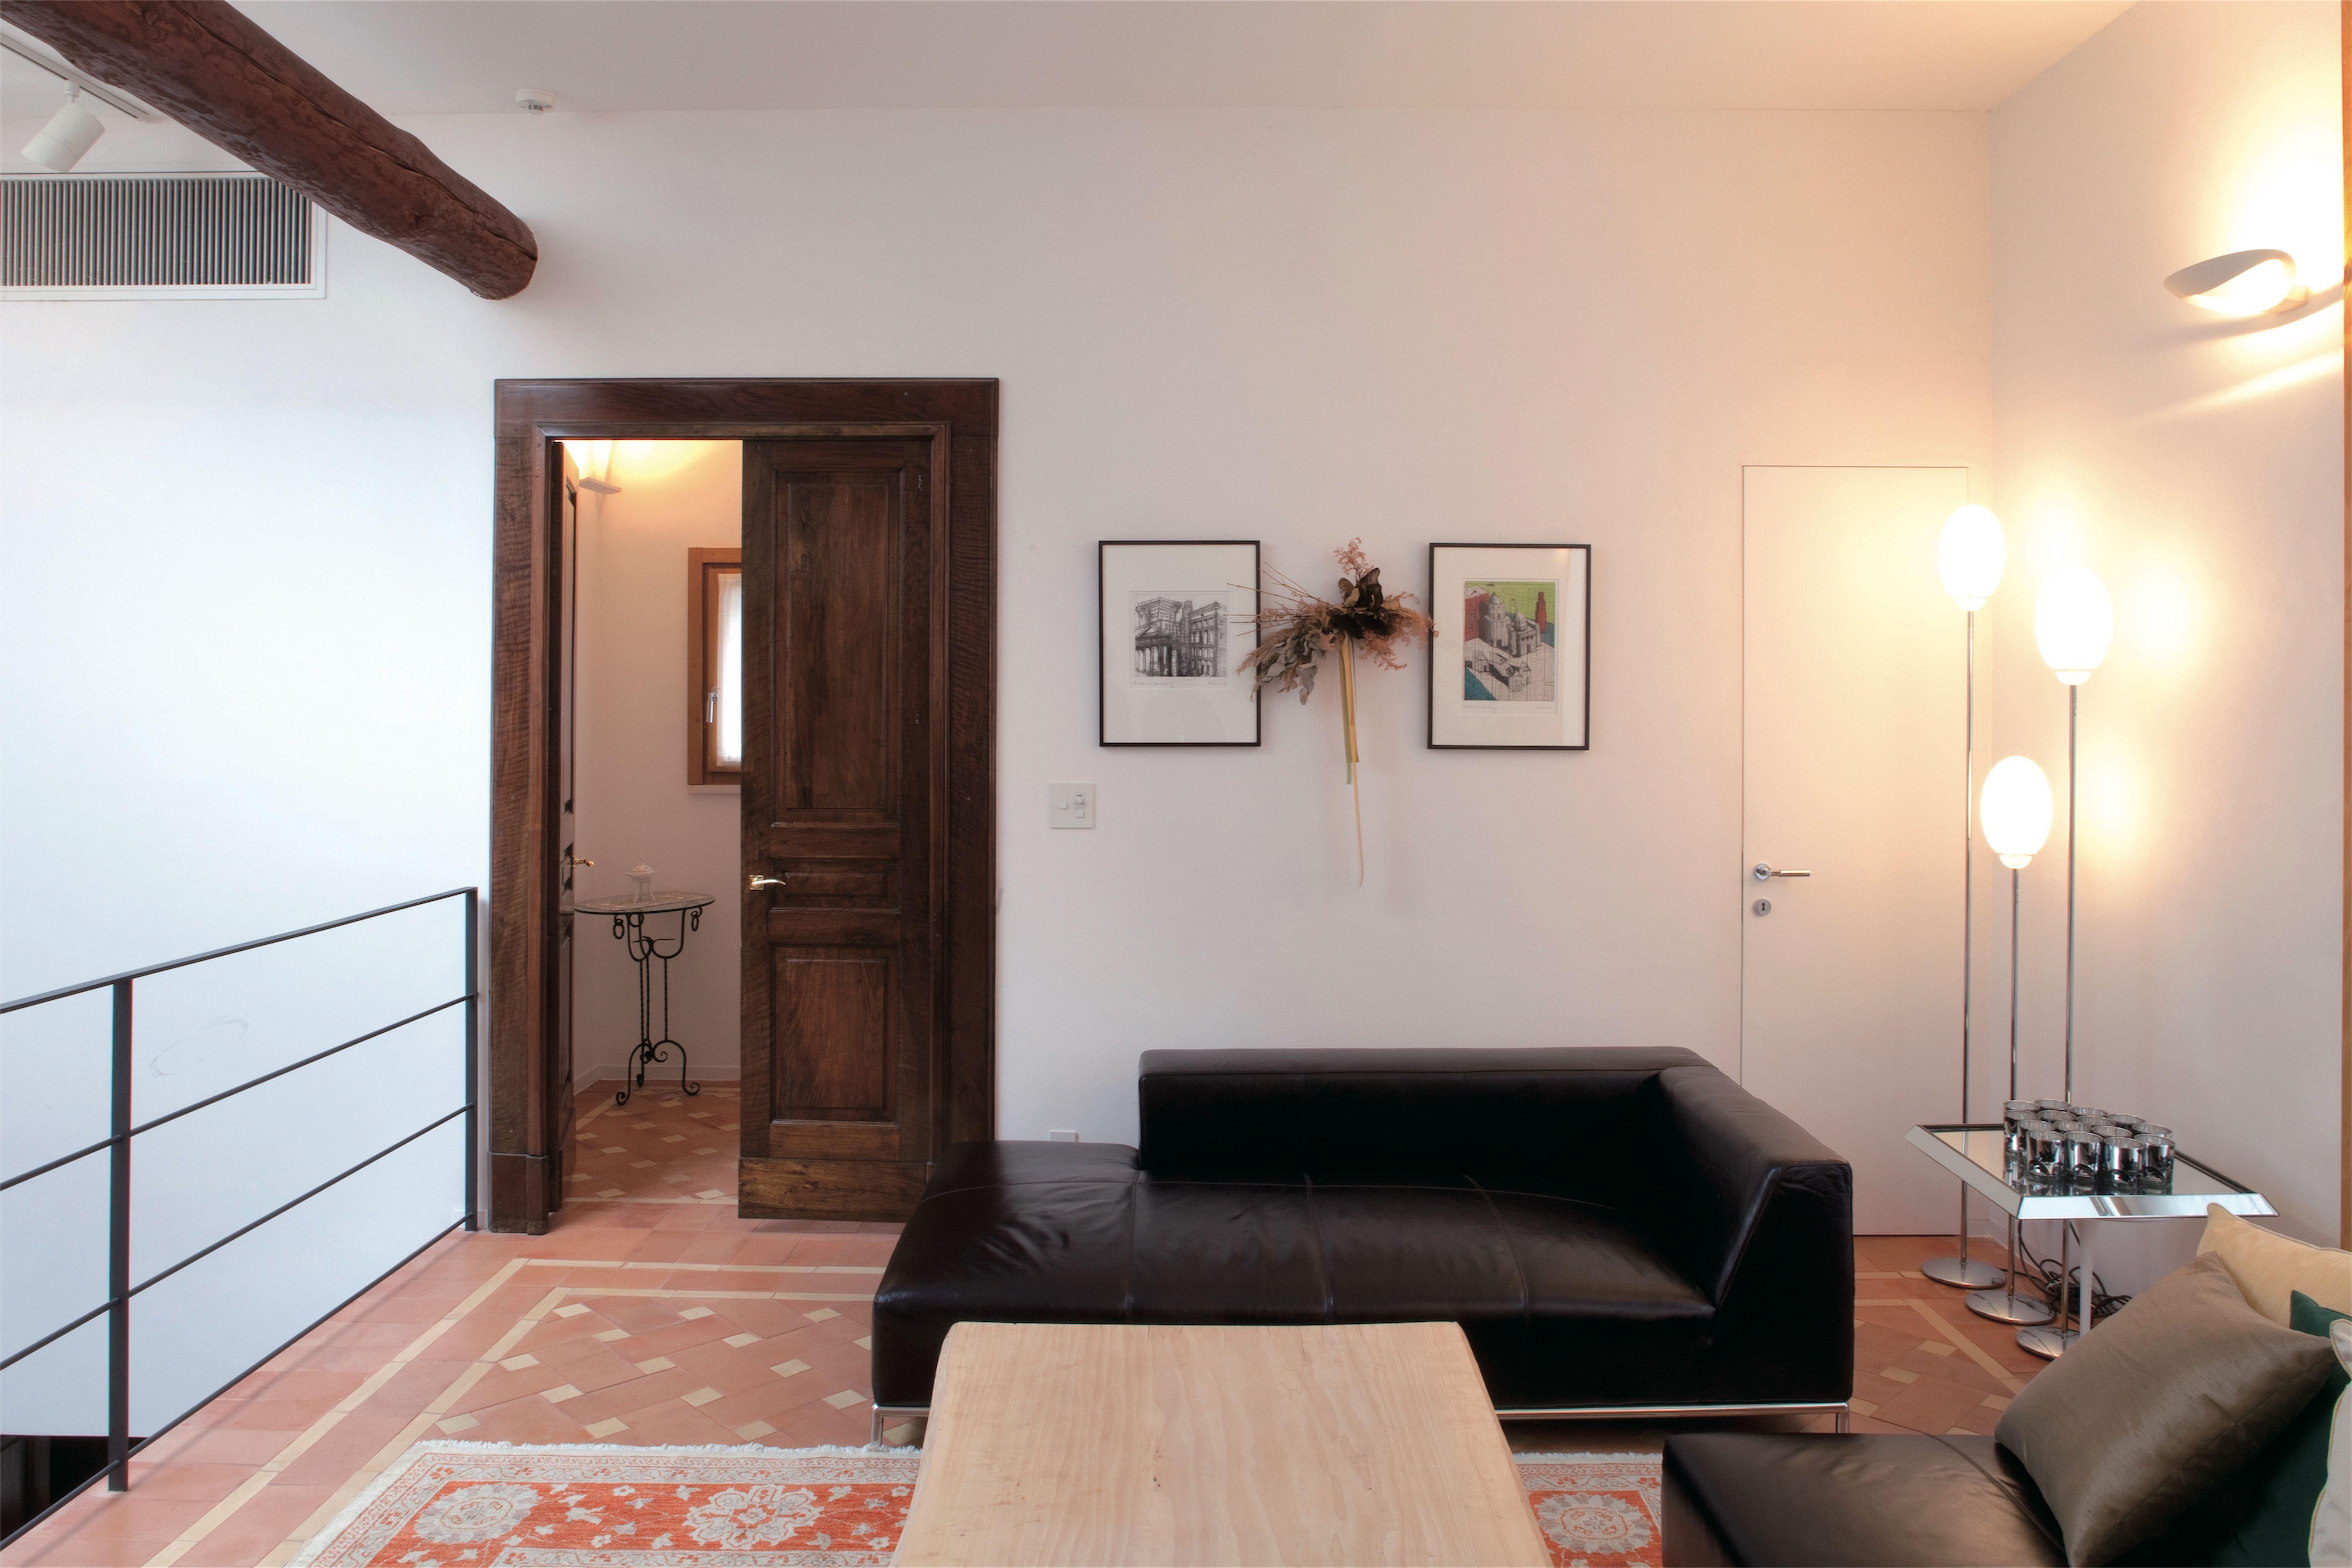 リビングはイントナーコ イタリア漆喰 仕上げの壁とテラコッタの床